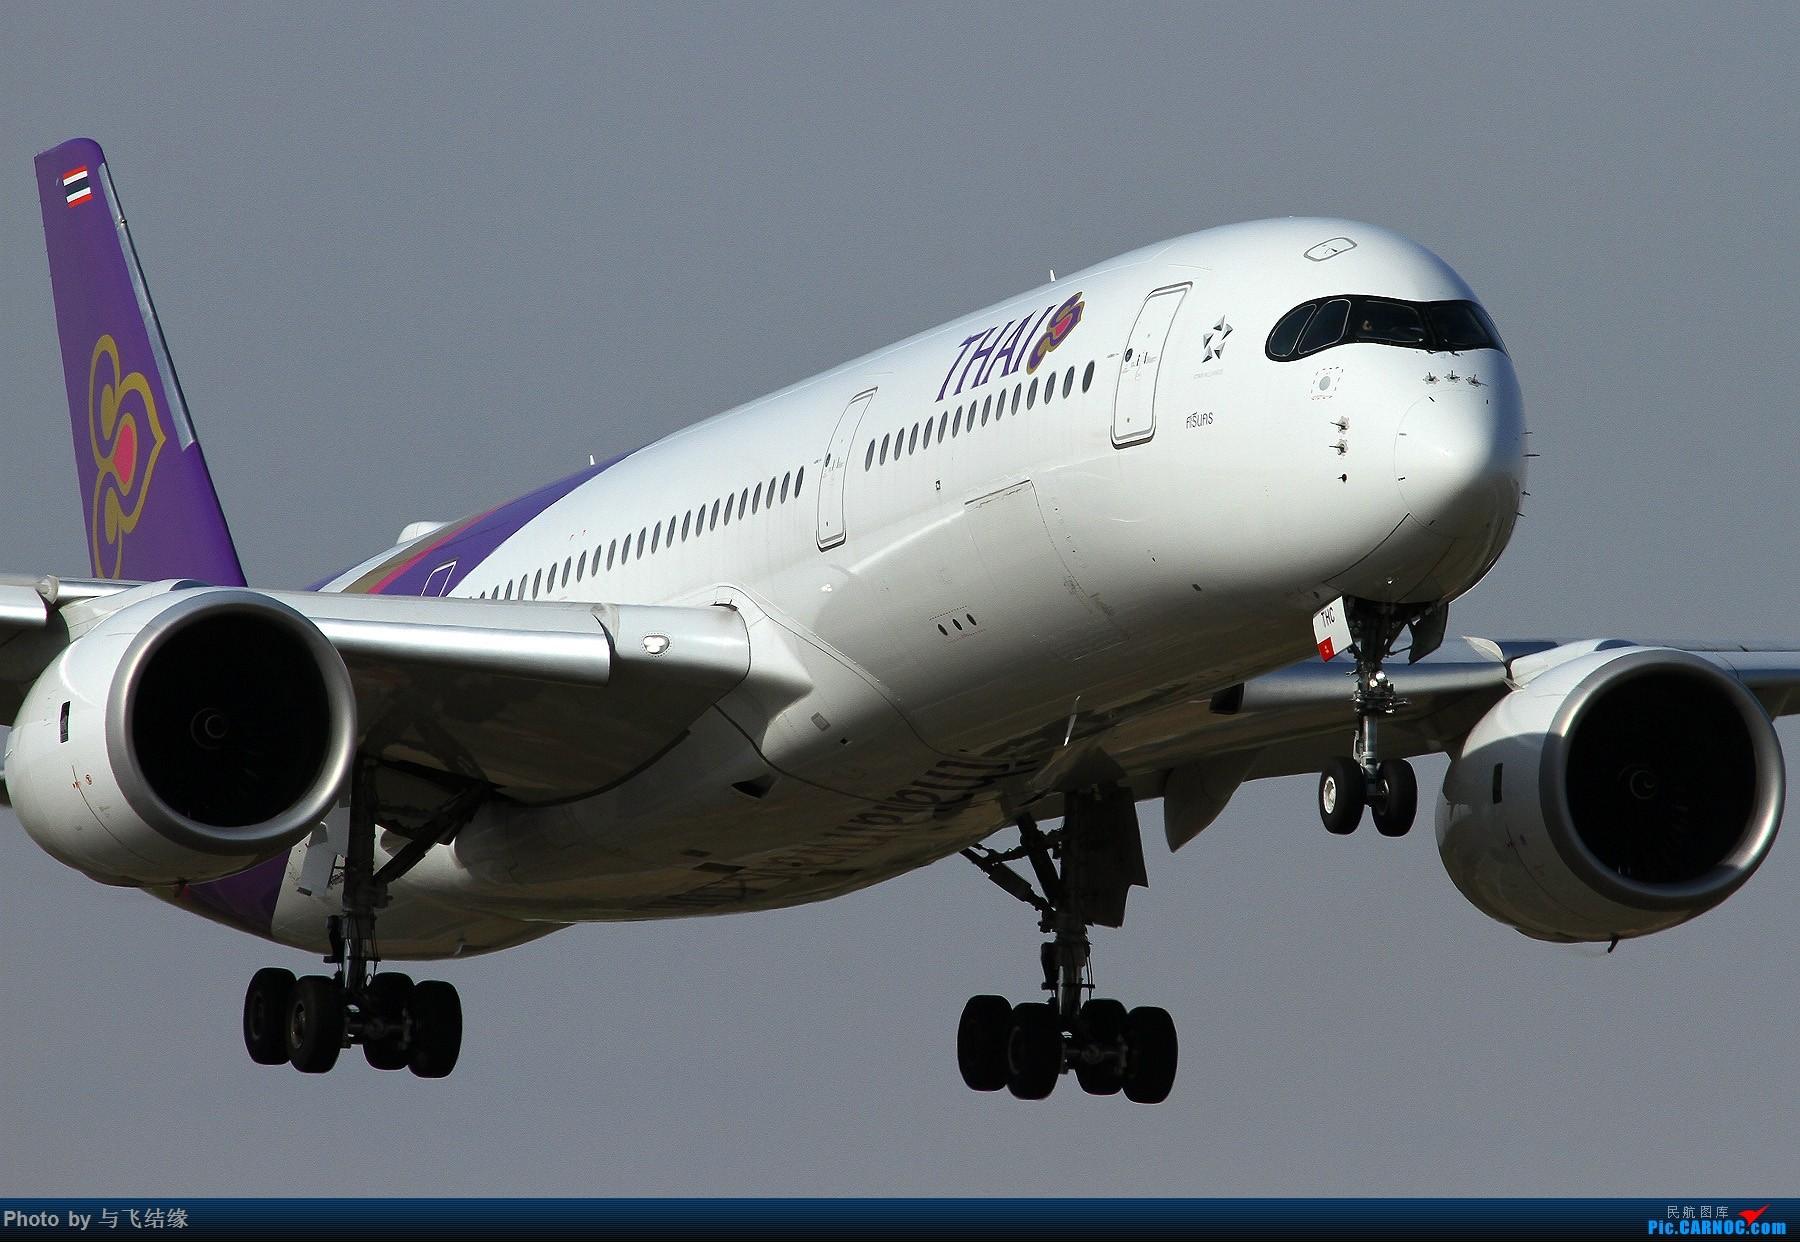 [原创]进近中的太美丽Airbus A350-900与Boeing 777-300ER特写! AIRBUS A350-900 HS-THC 中国北京首都国际机场